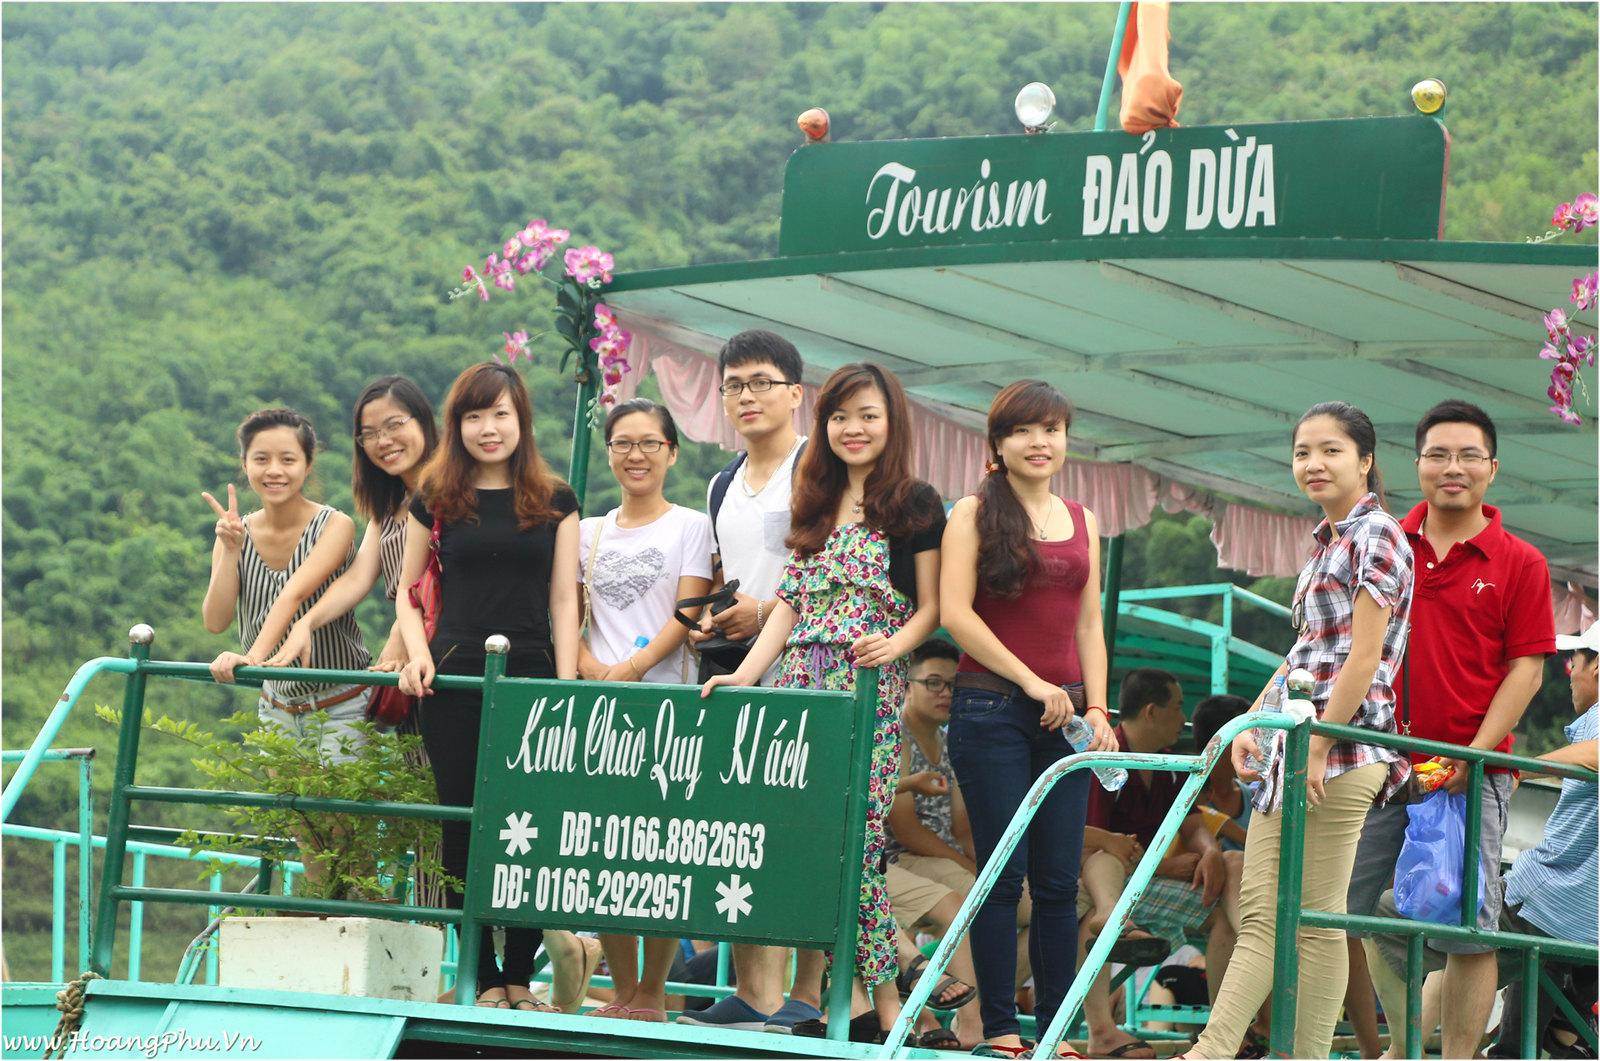 Du lịch Hồ Thung Nai (Hòa Bình)